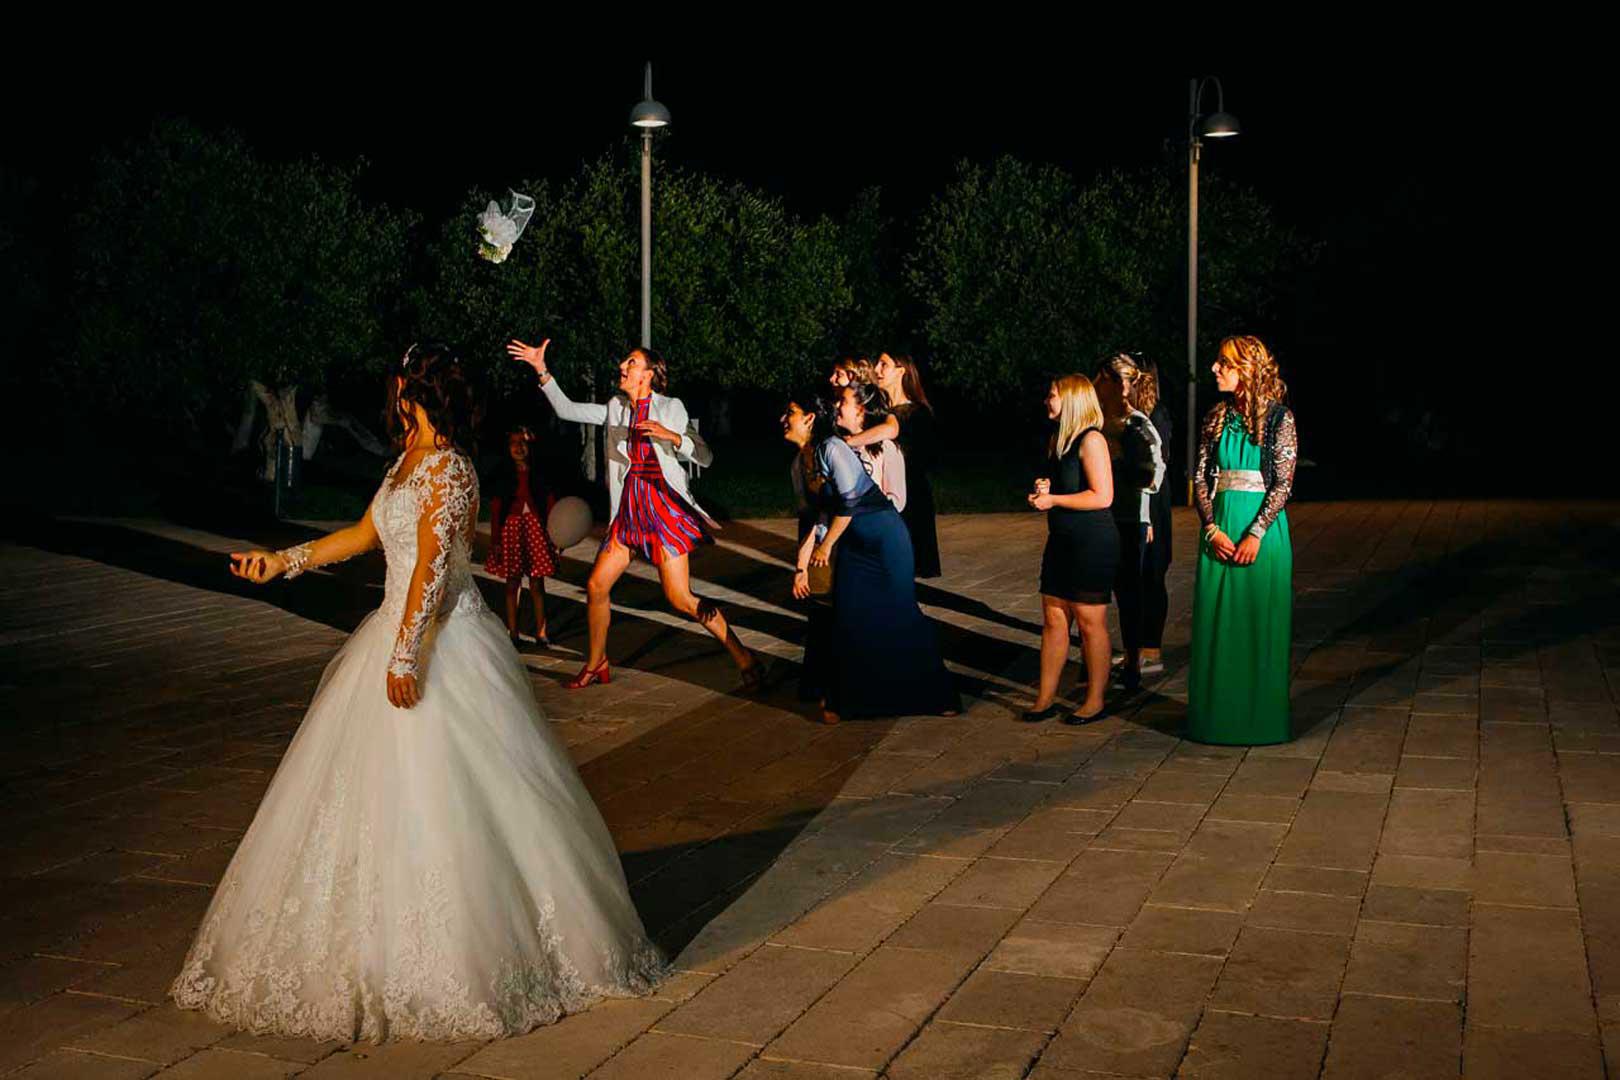 039-lancio-bouquet-matrimonio-gianni-lepore